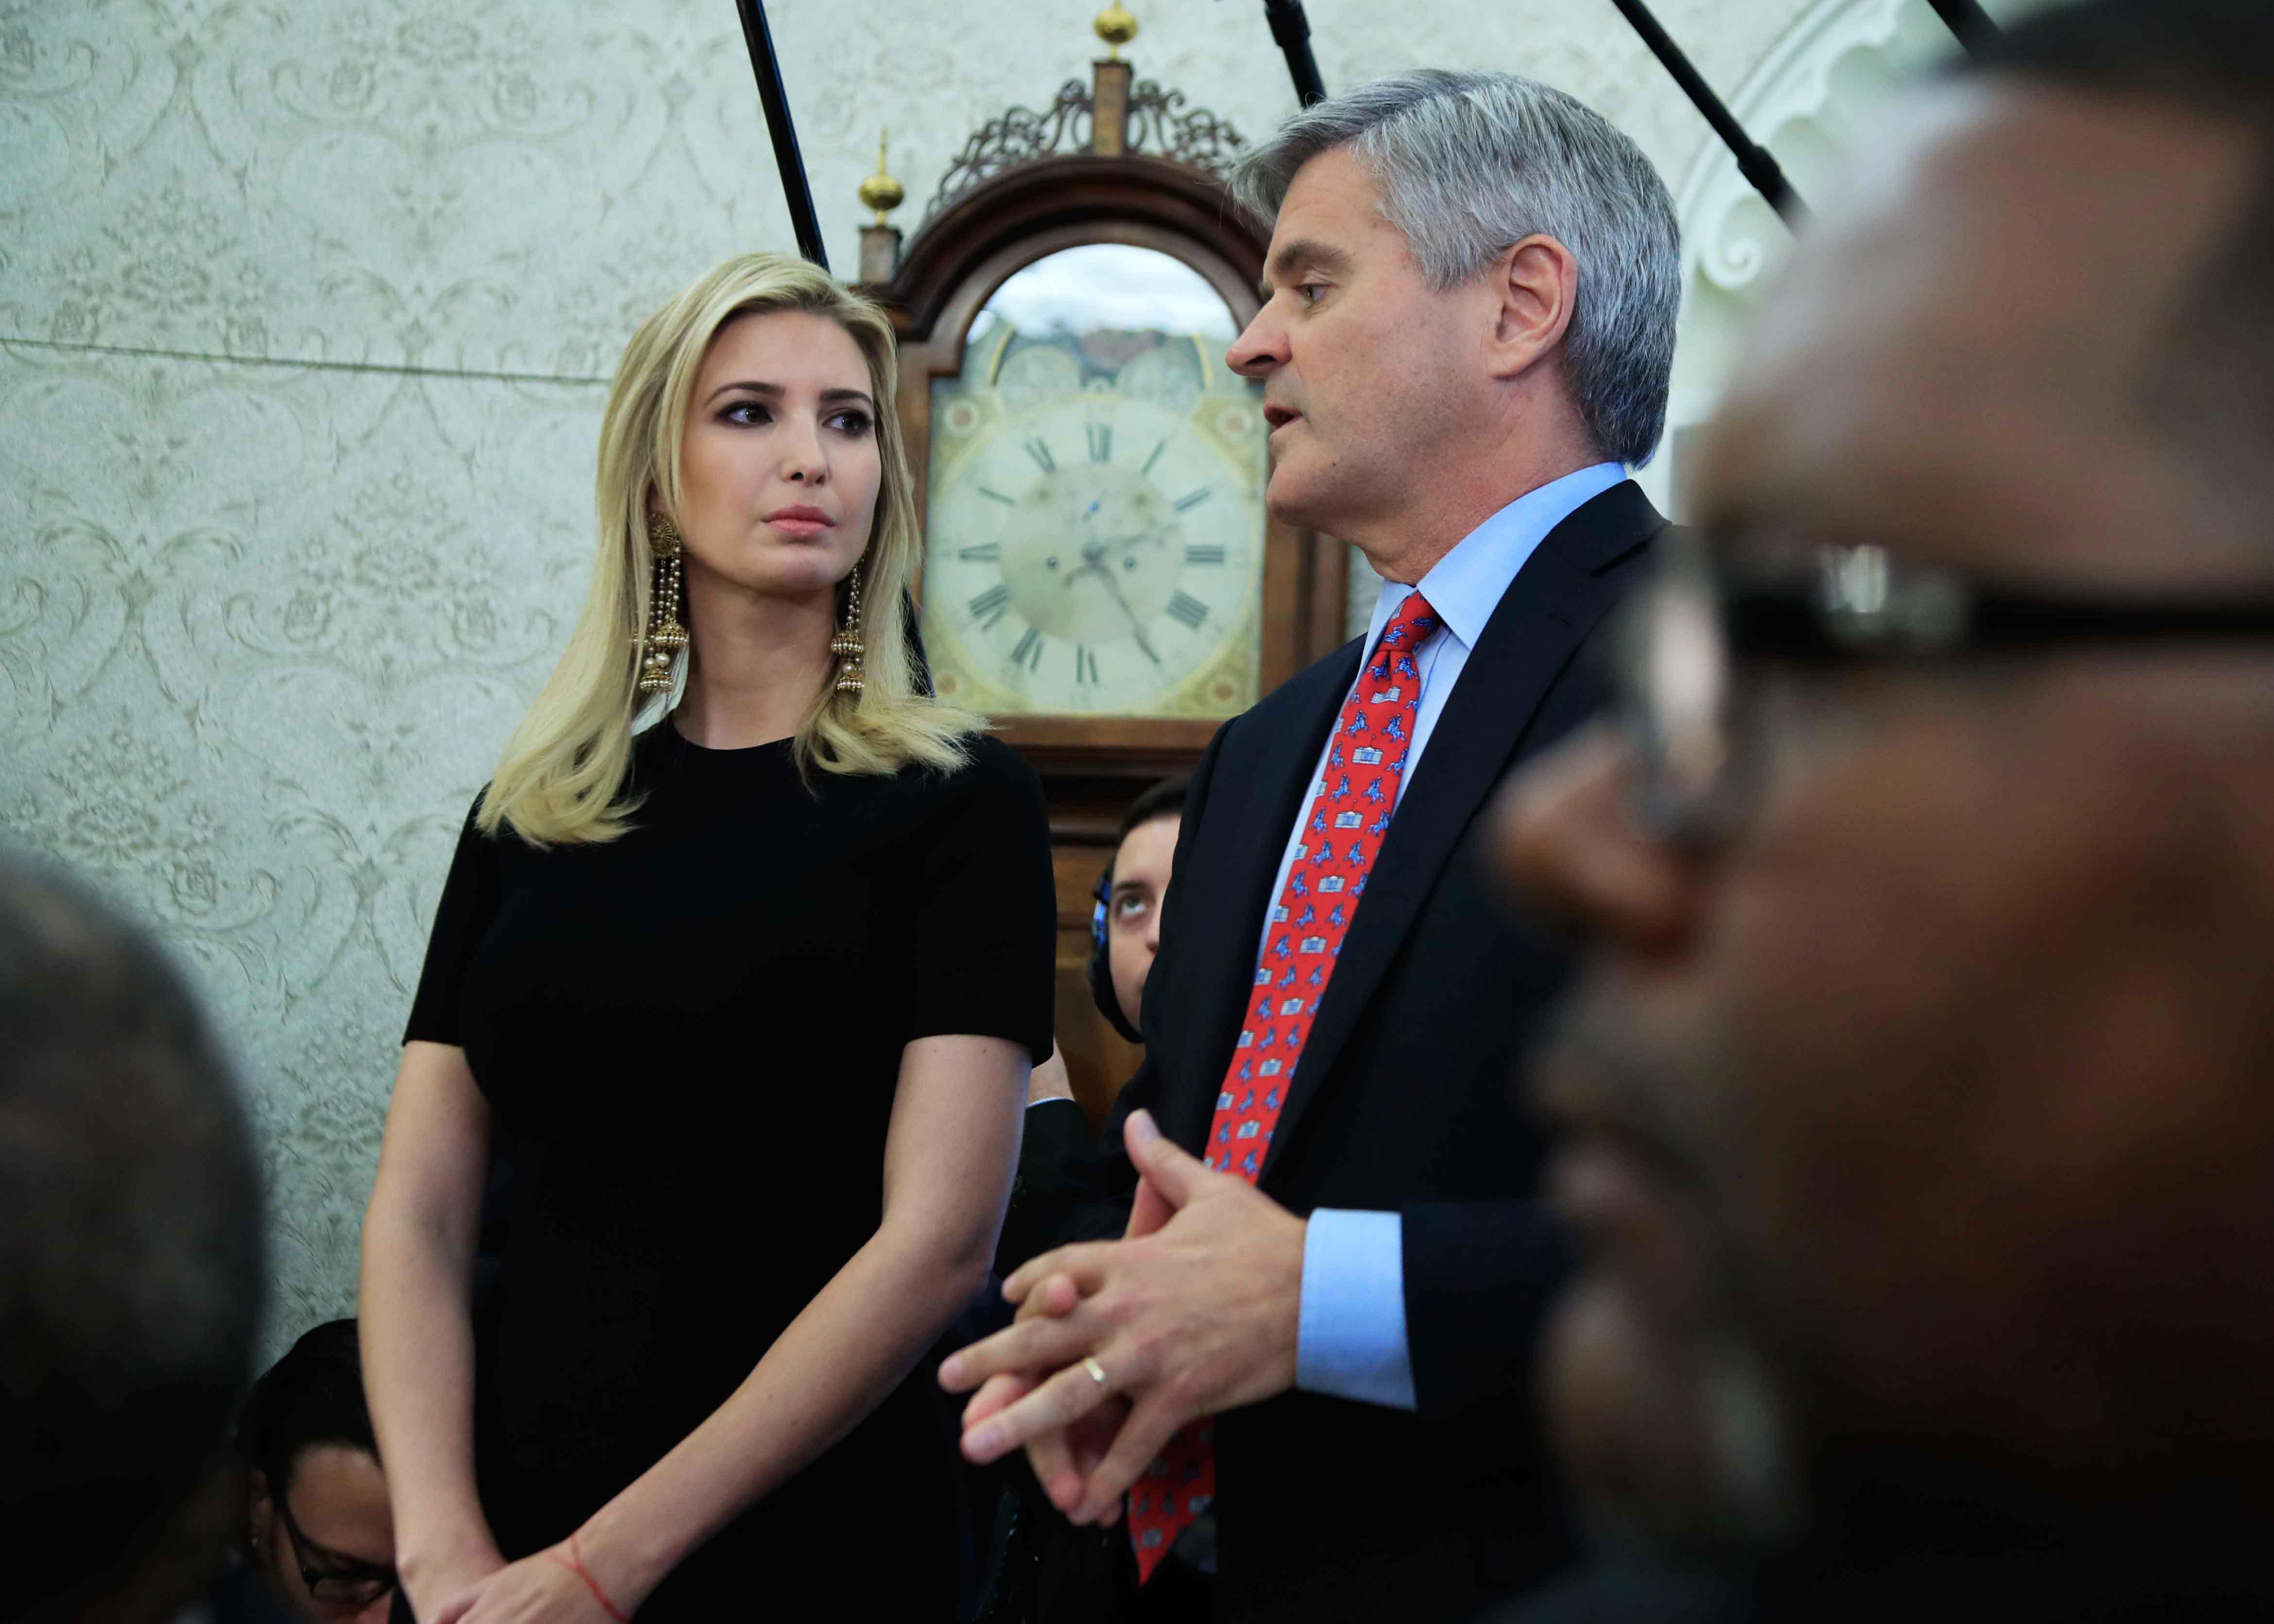 伊万卡出席白宫会议 气质高冷大耳坠抢镜(组图)